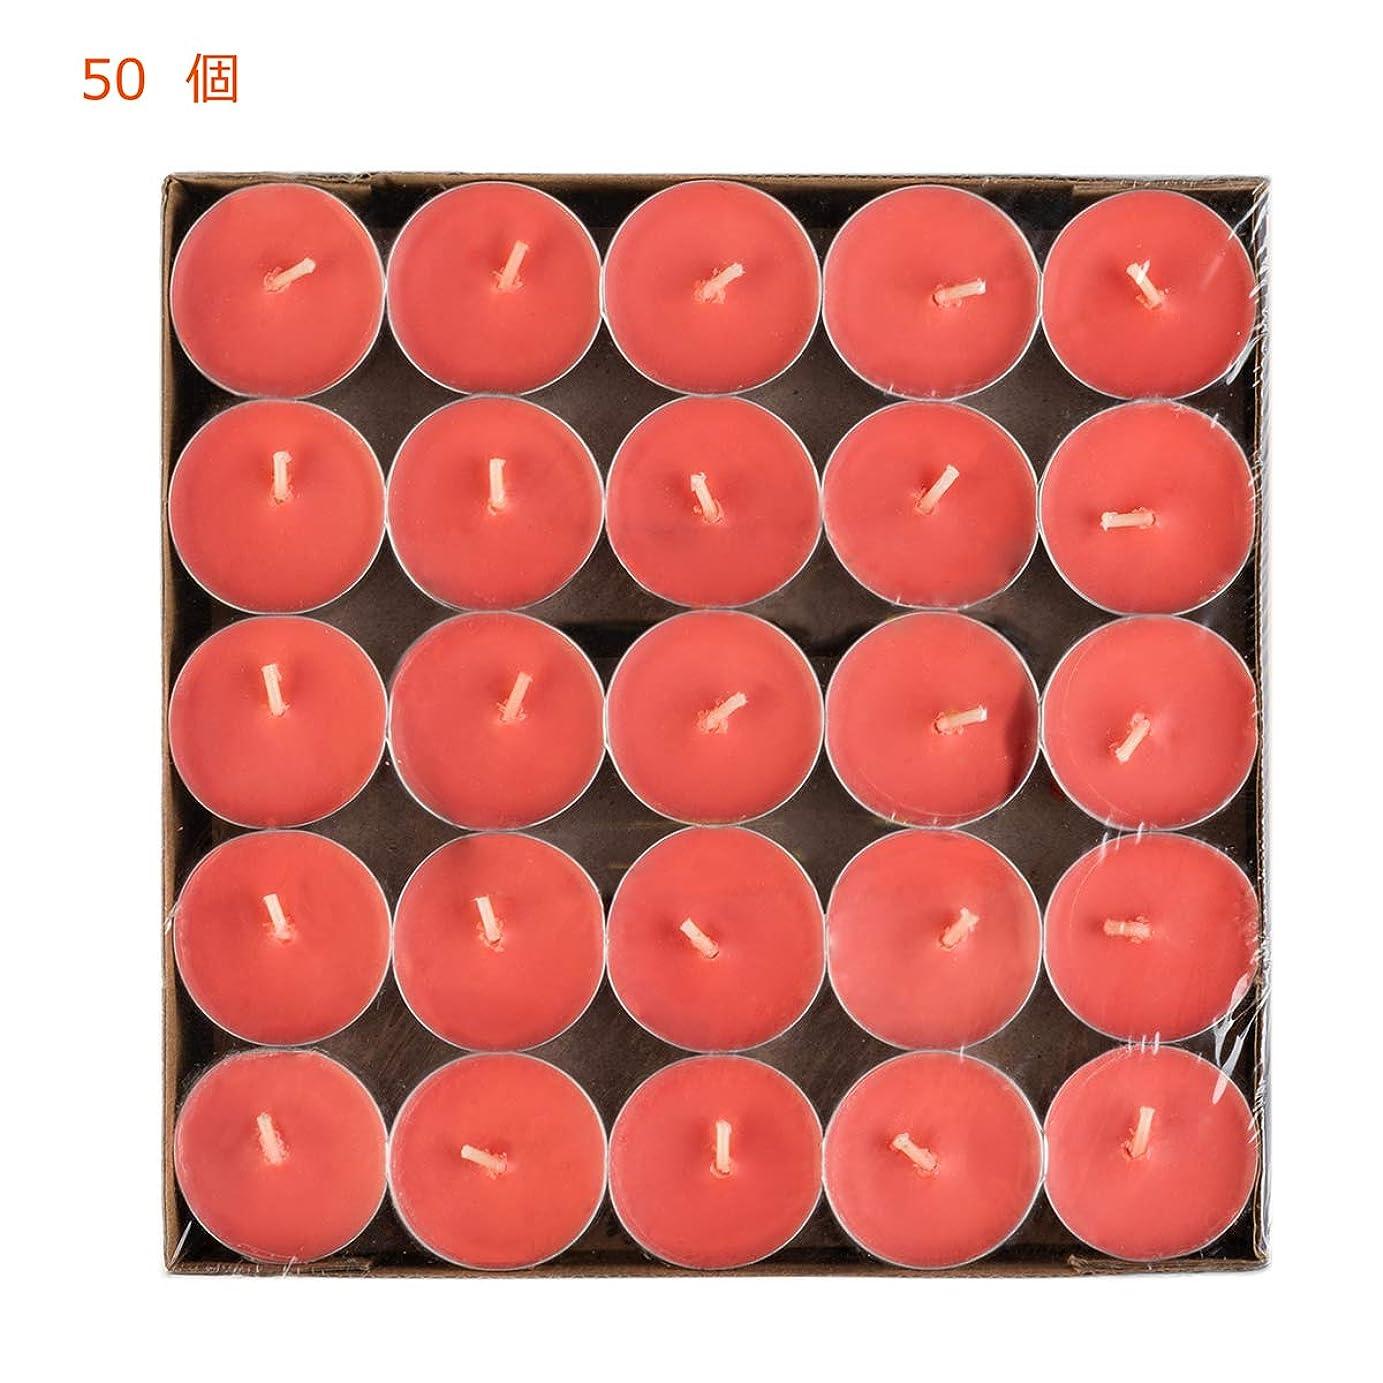 ひどいテラス寛容Hwagui ティーライト キャンドル アロマキャンドル ろうそく おしゃれ 蝋燭 ロウソク ロマンチック 赤 50個 4時間